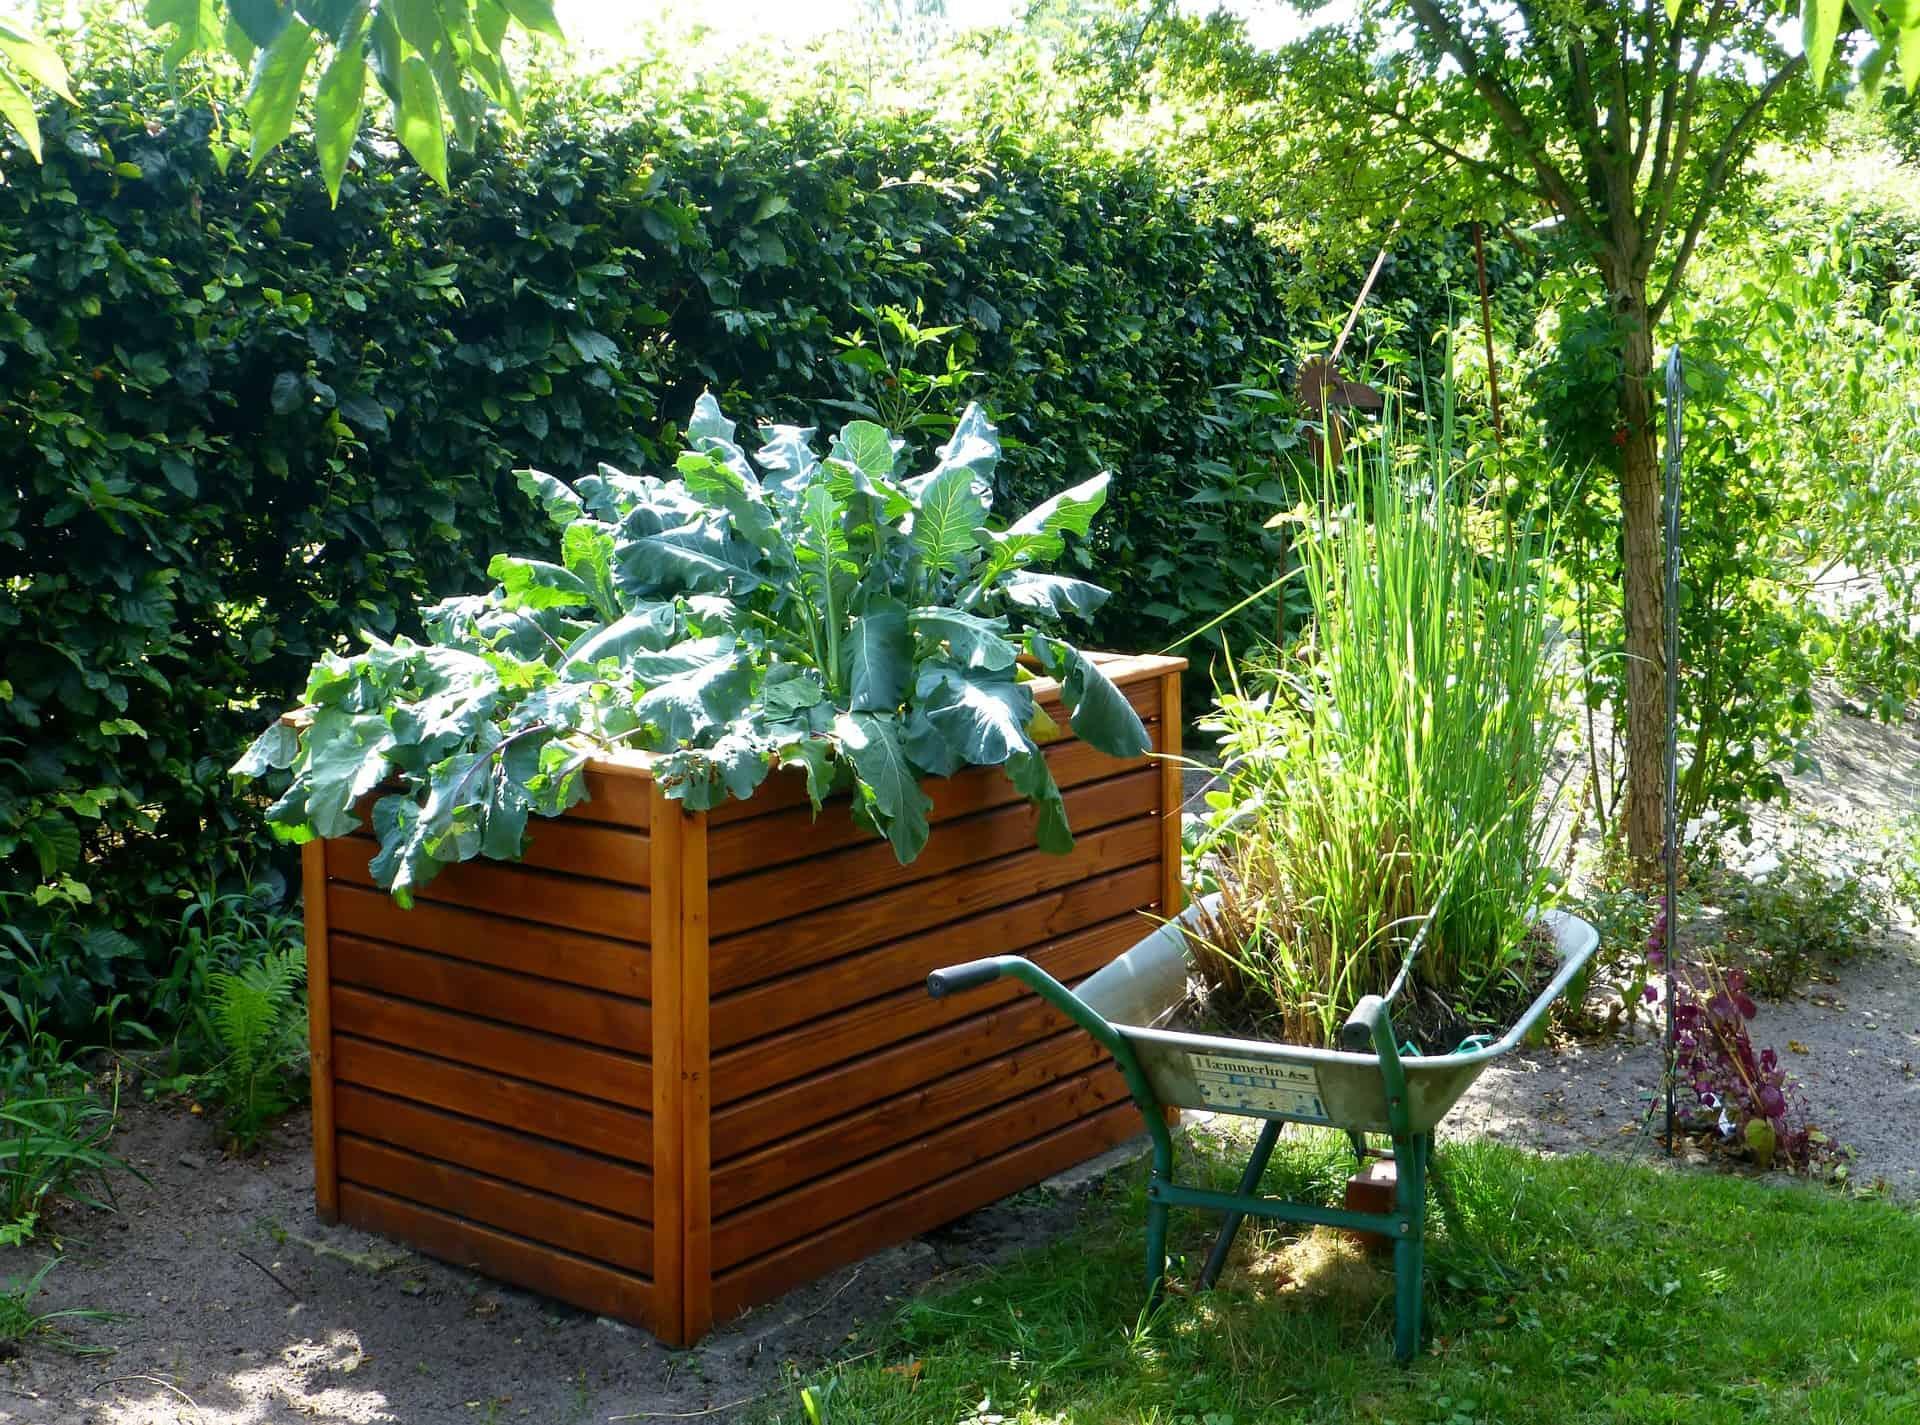 Full Size of Hochbeet Hornbach Aus Holz Test Empfehlungen 04 20 Gartenspring Garten Wohnzimmer Hochbeet Hornbach